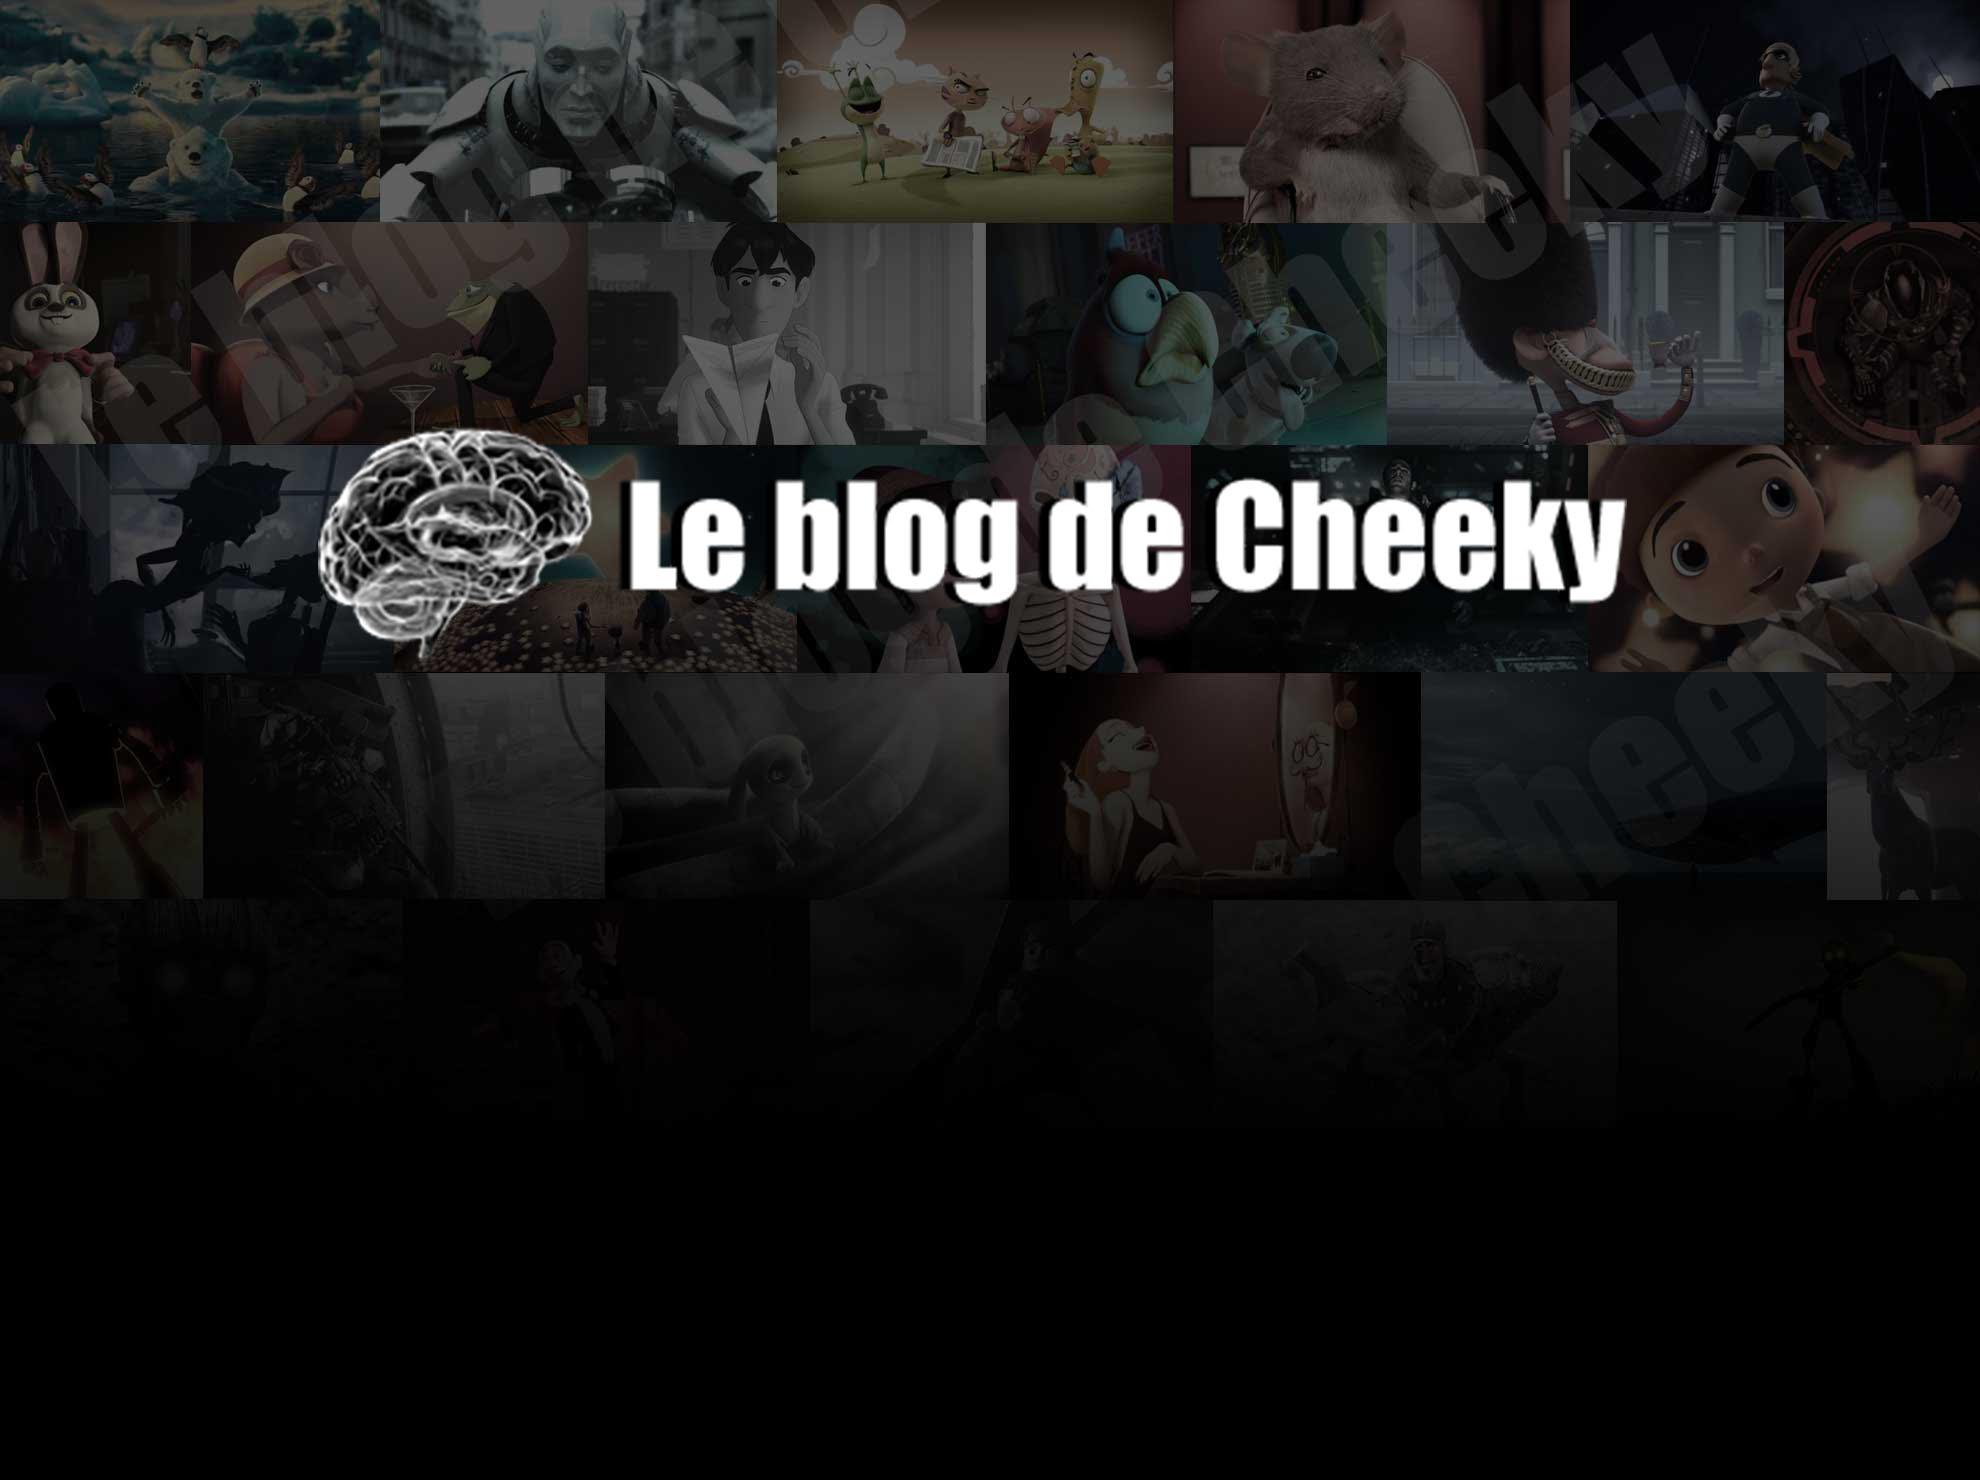 Le Blog de Cheeky